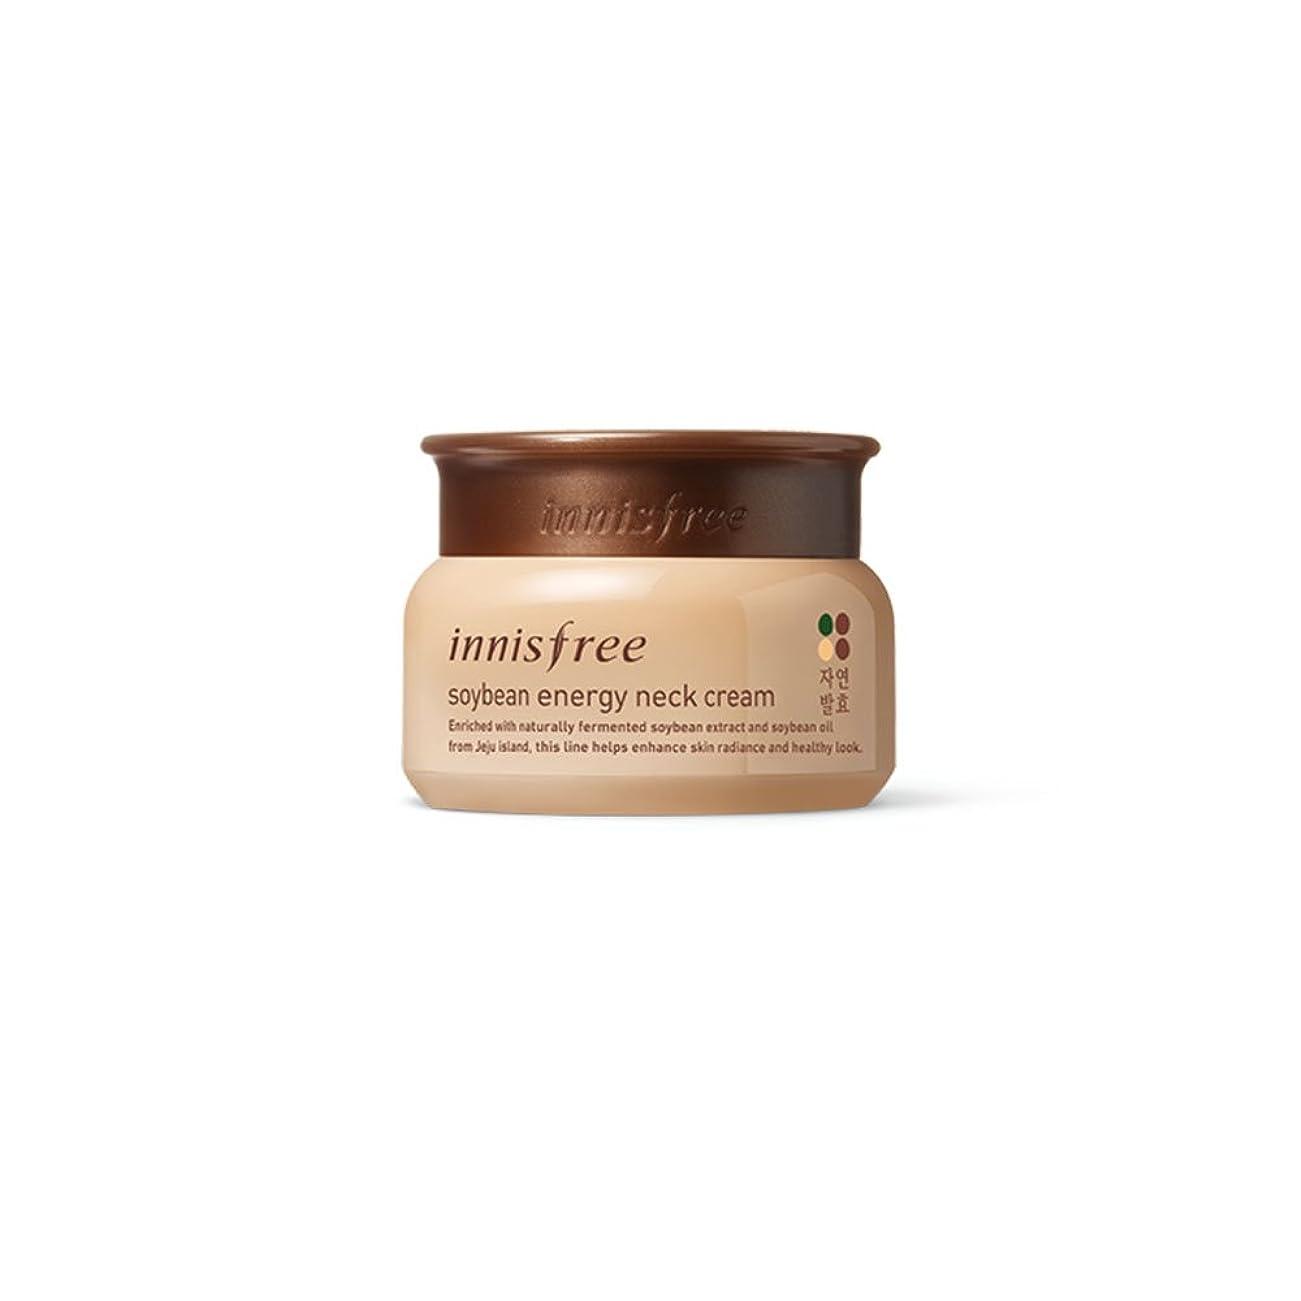 ルーム白菜認証[イニスフリー] Innisfree 発酵大豆エネジネッククリーム (80ml) Innisfree Soy Bean Energy Neck Cream (80ml) [海外直送品]